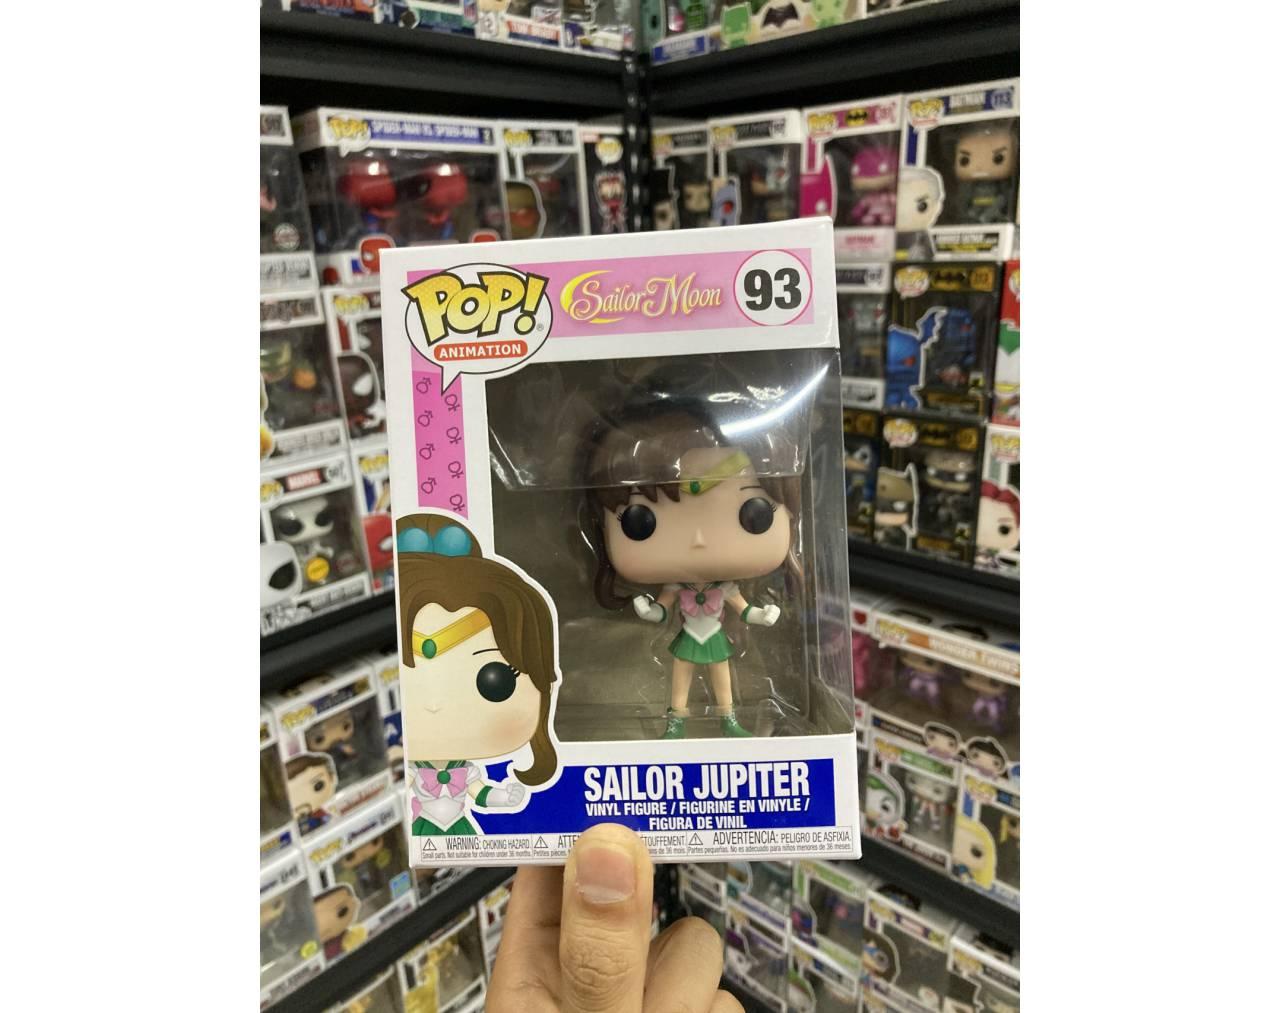 Sailor Jupiter Pop! Vinyl